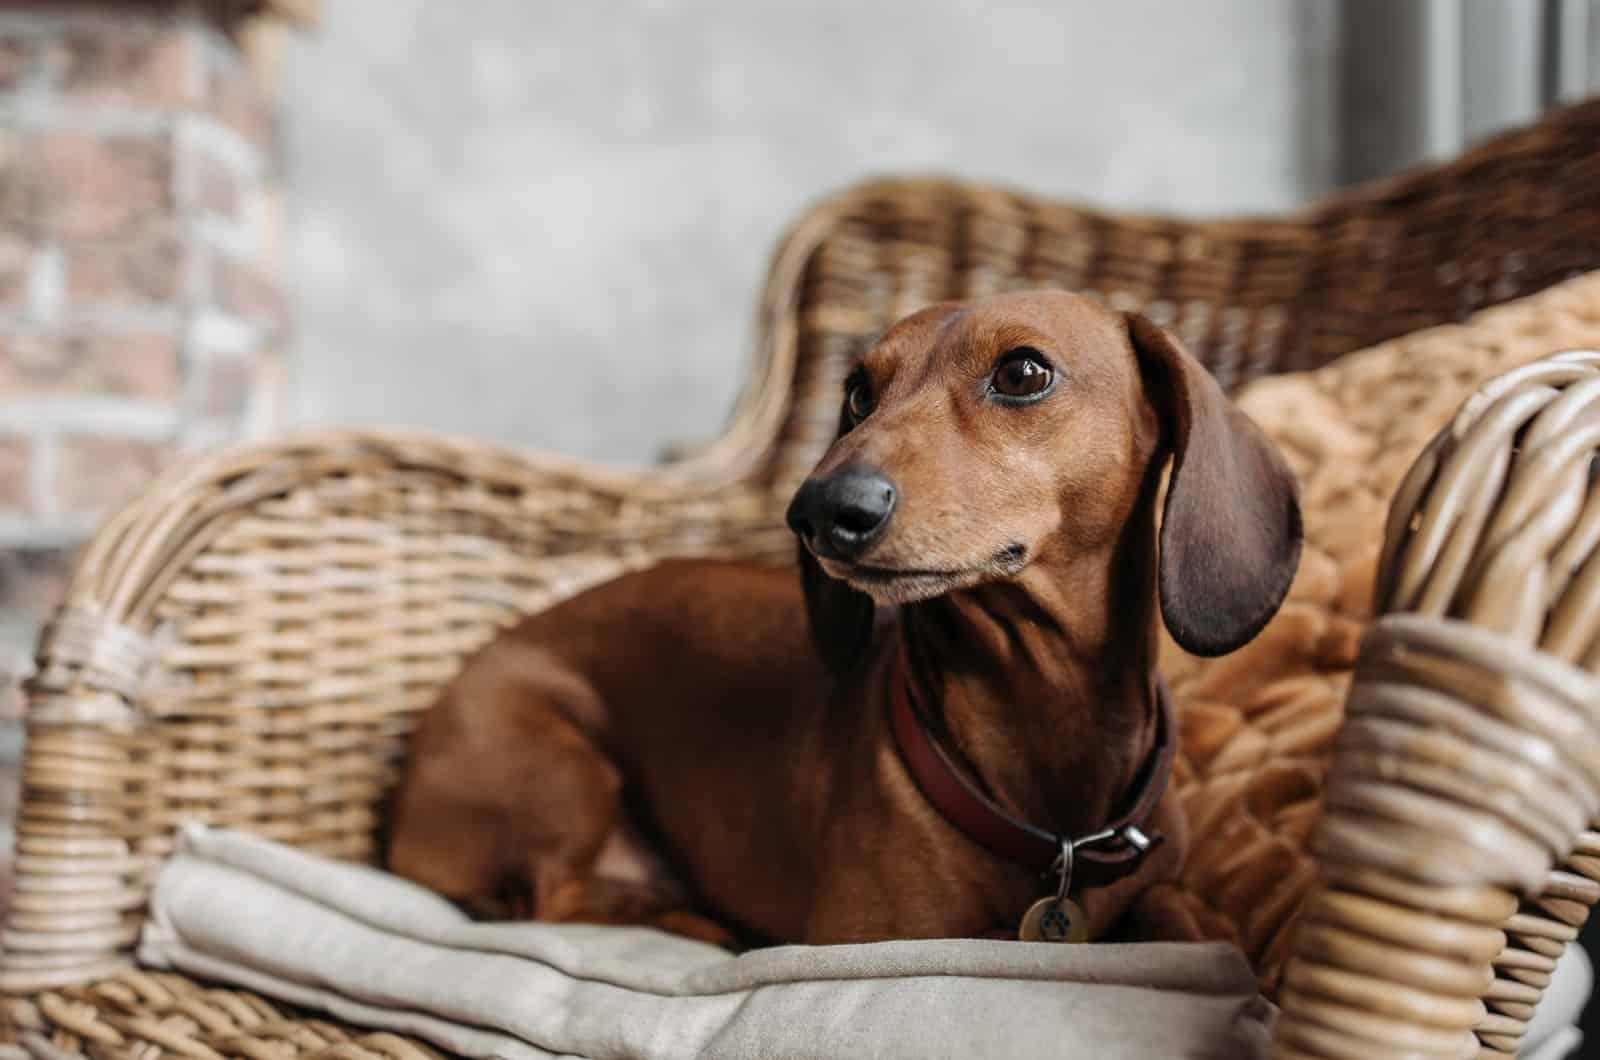 dachshund on a chair